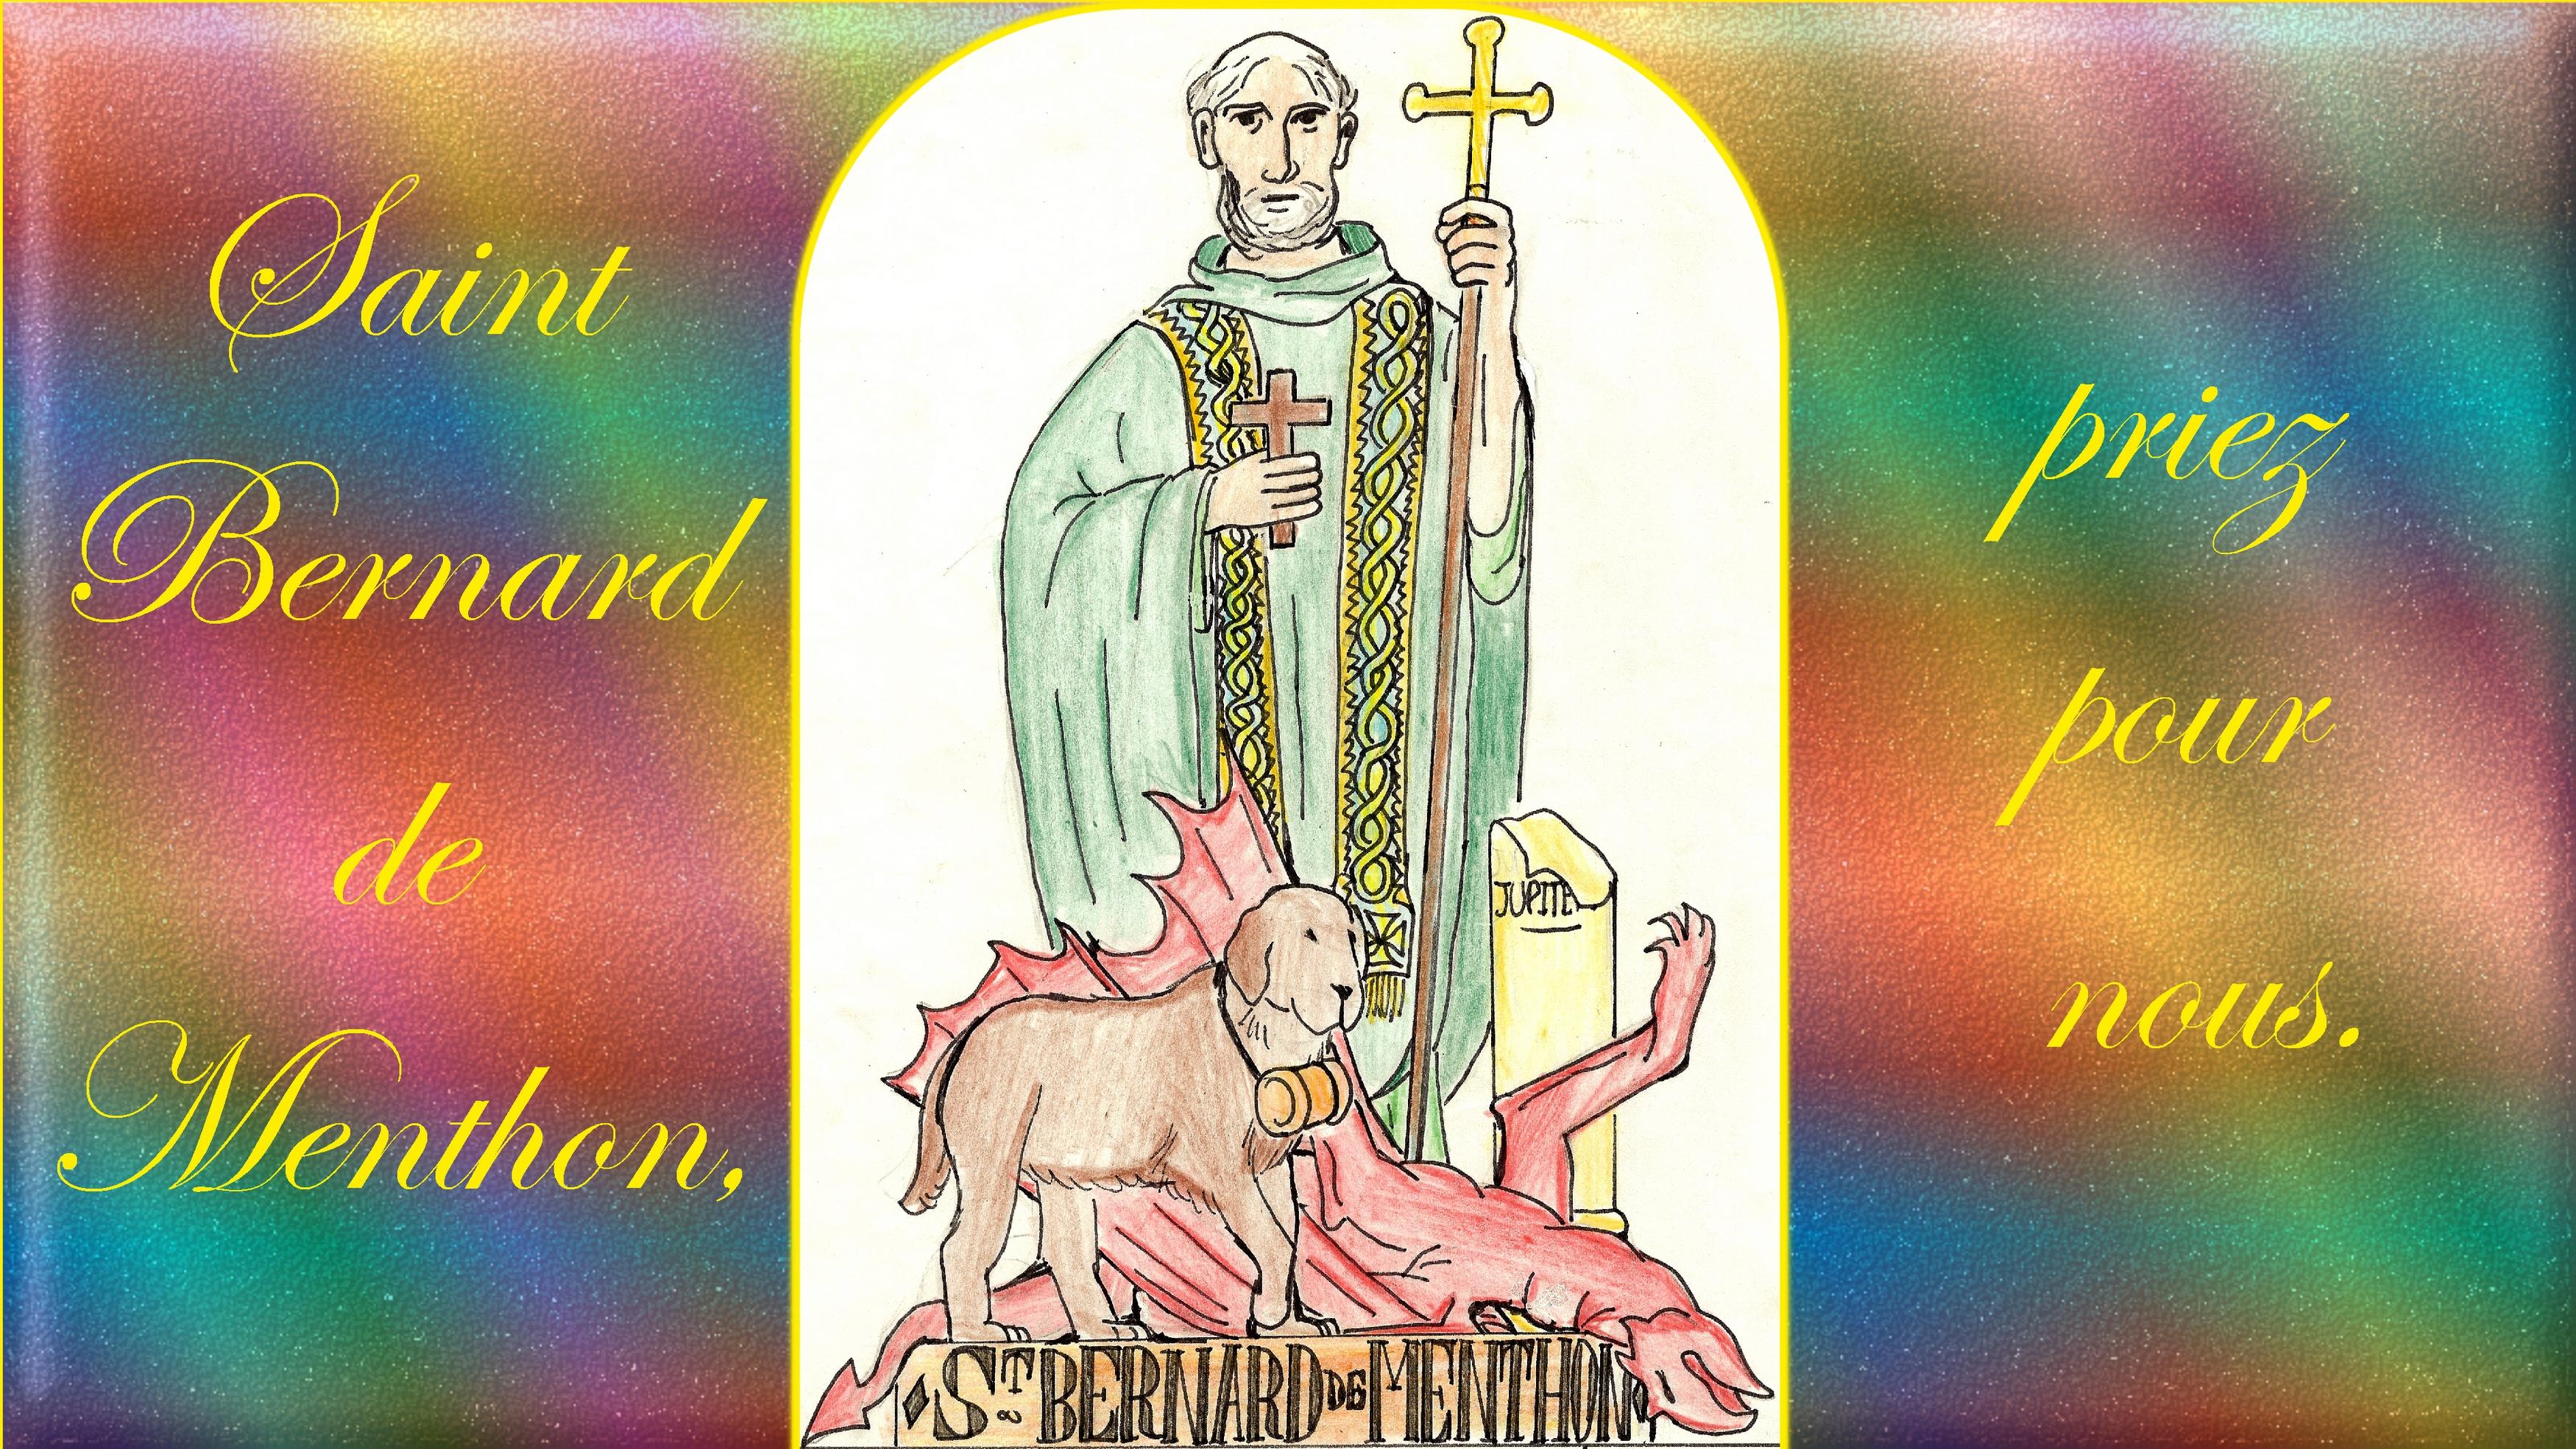 CALENDRIER CATHOLIQUE 2020 (Cantiques, Prières & Images) - Page 15 St-bernard-de-menthon-576b744